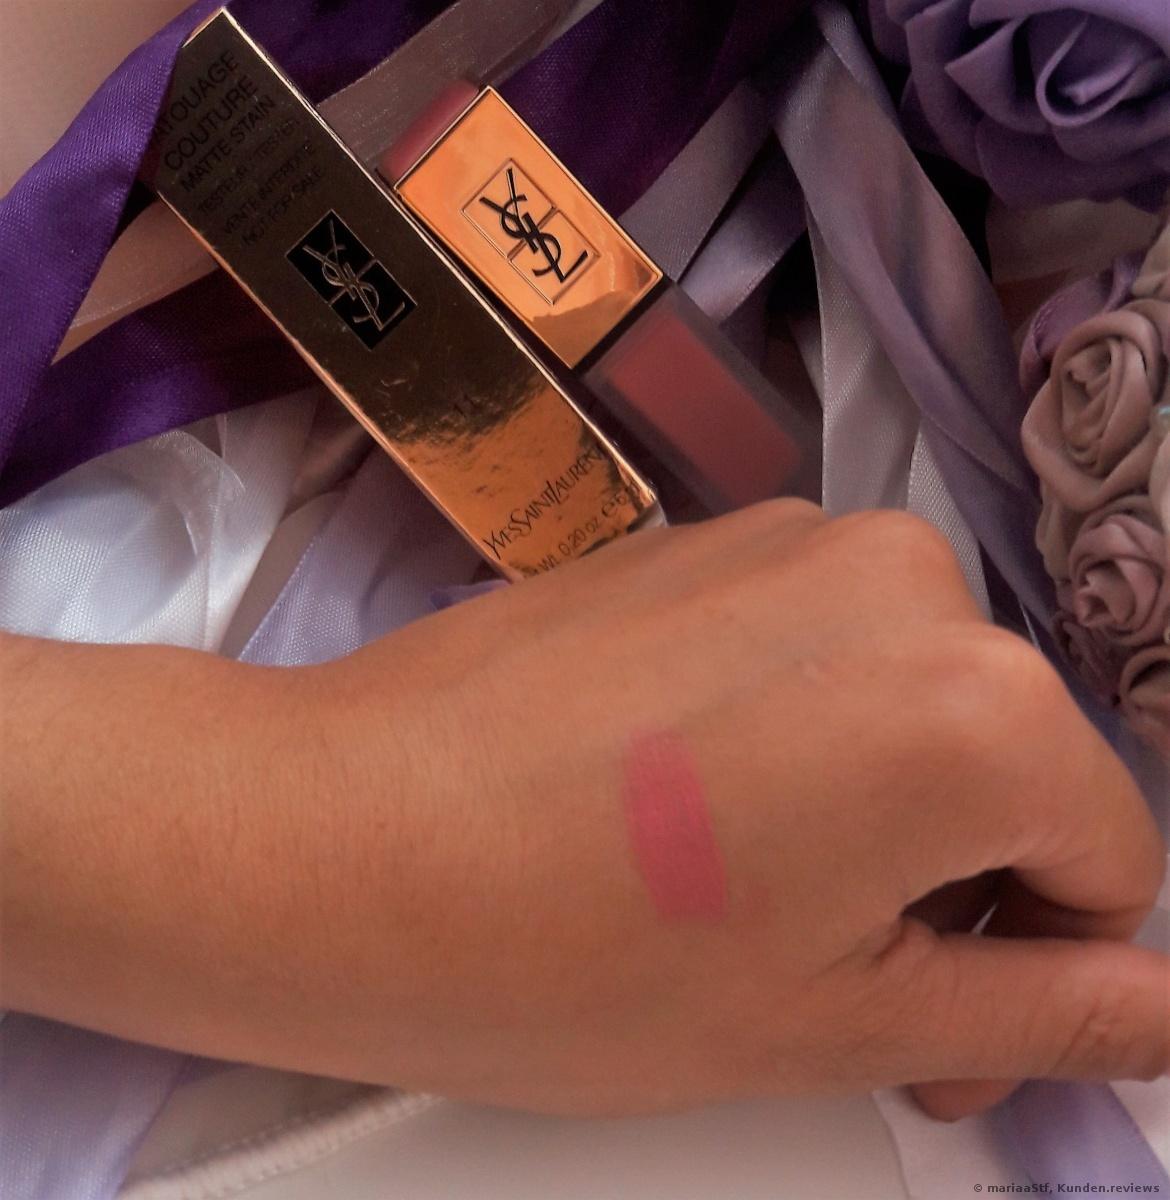 Yves Saint Laurent Tatouage Couture #11 ROSE ILLICITE